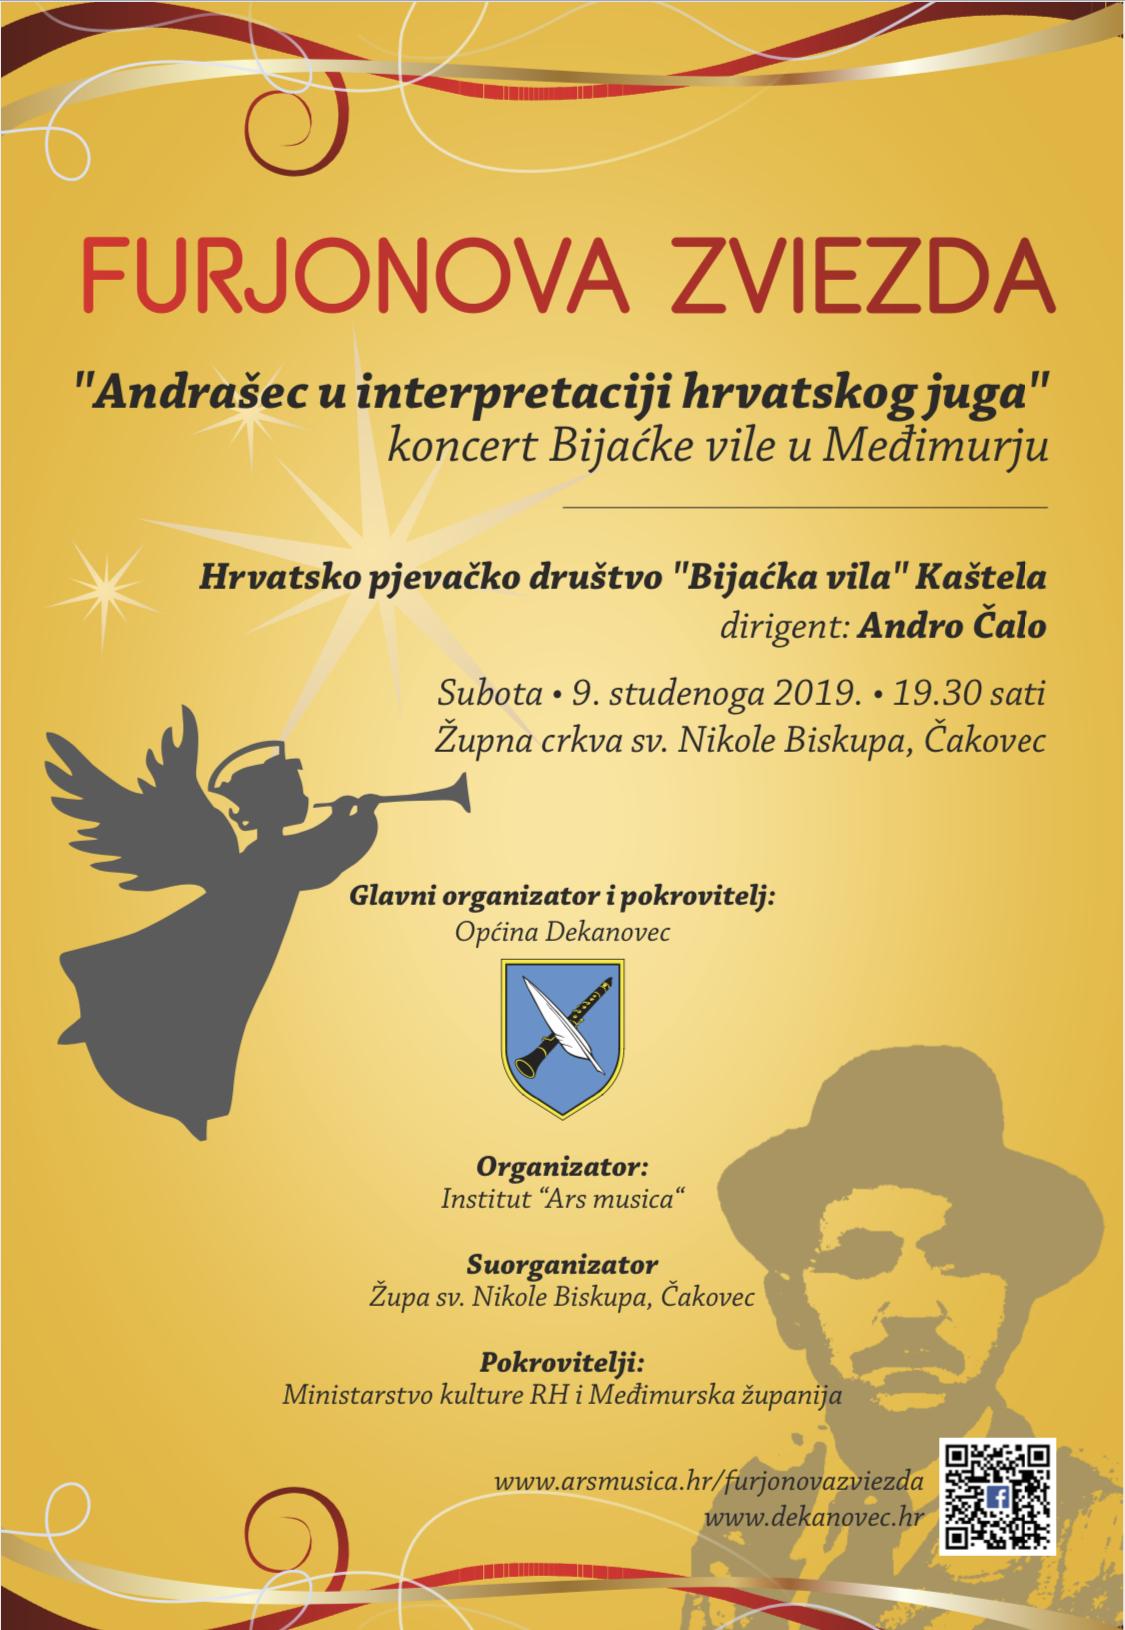 Furjonova zviezda_Koncert Bijaćke vile_Čakovec_Plakat